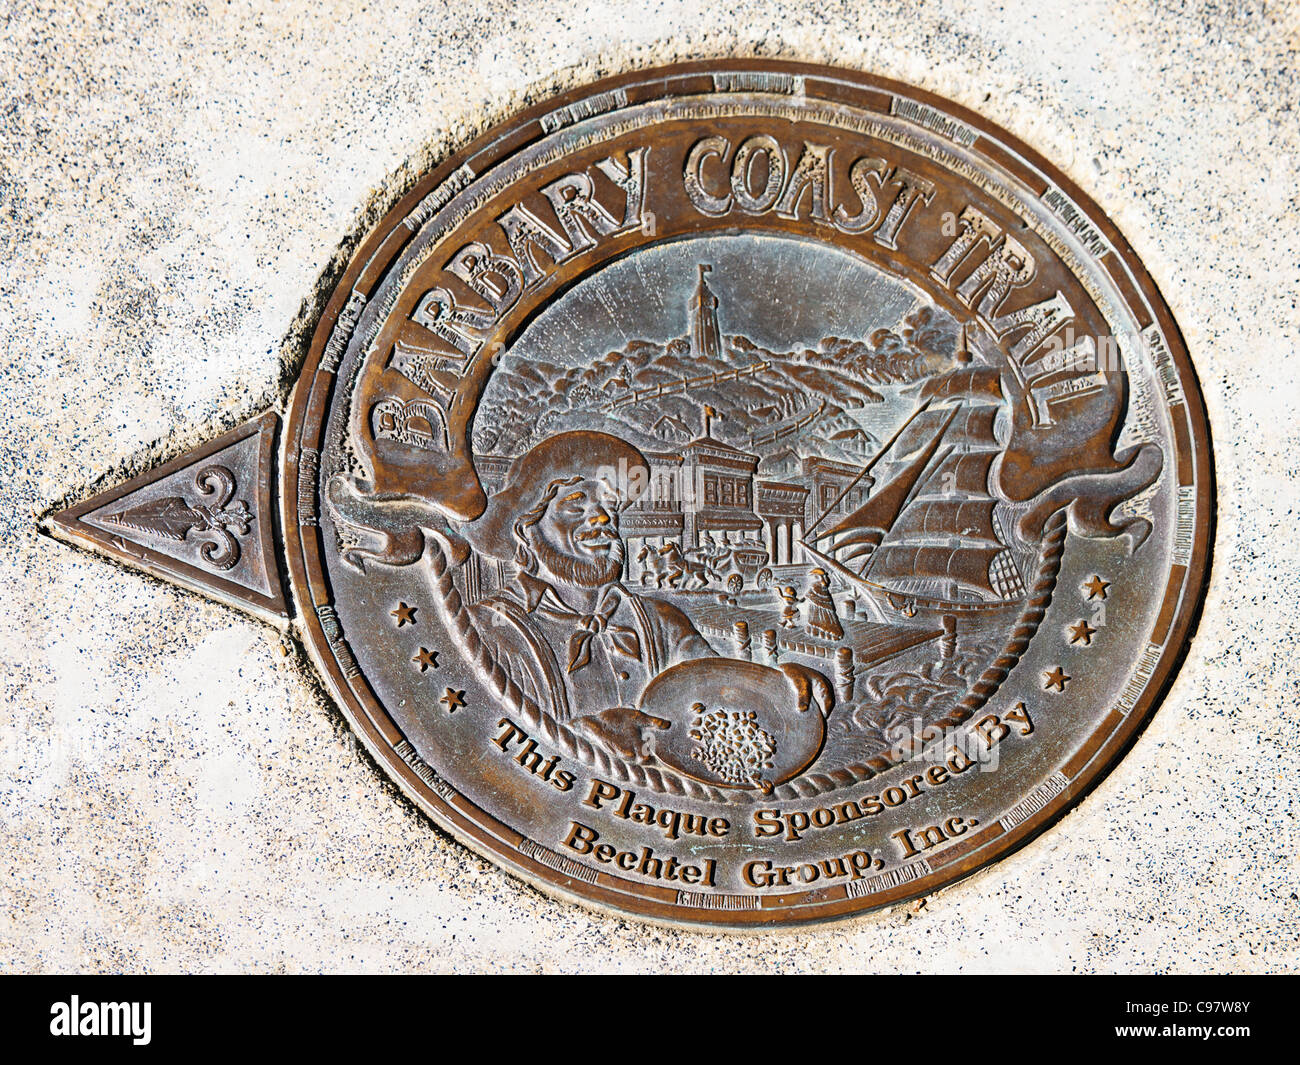 Barbary Coast Trail Medallion, San Francisco - Stock Image